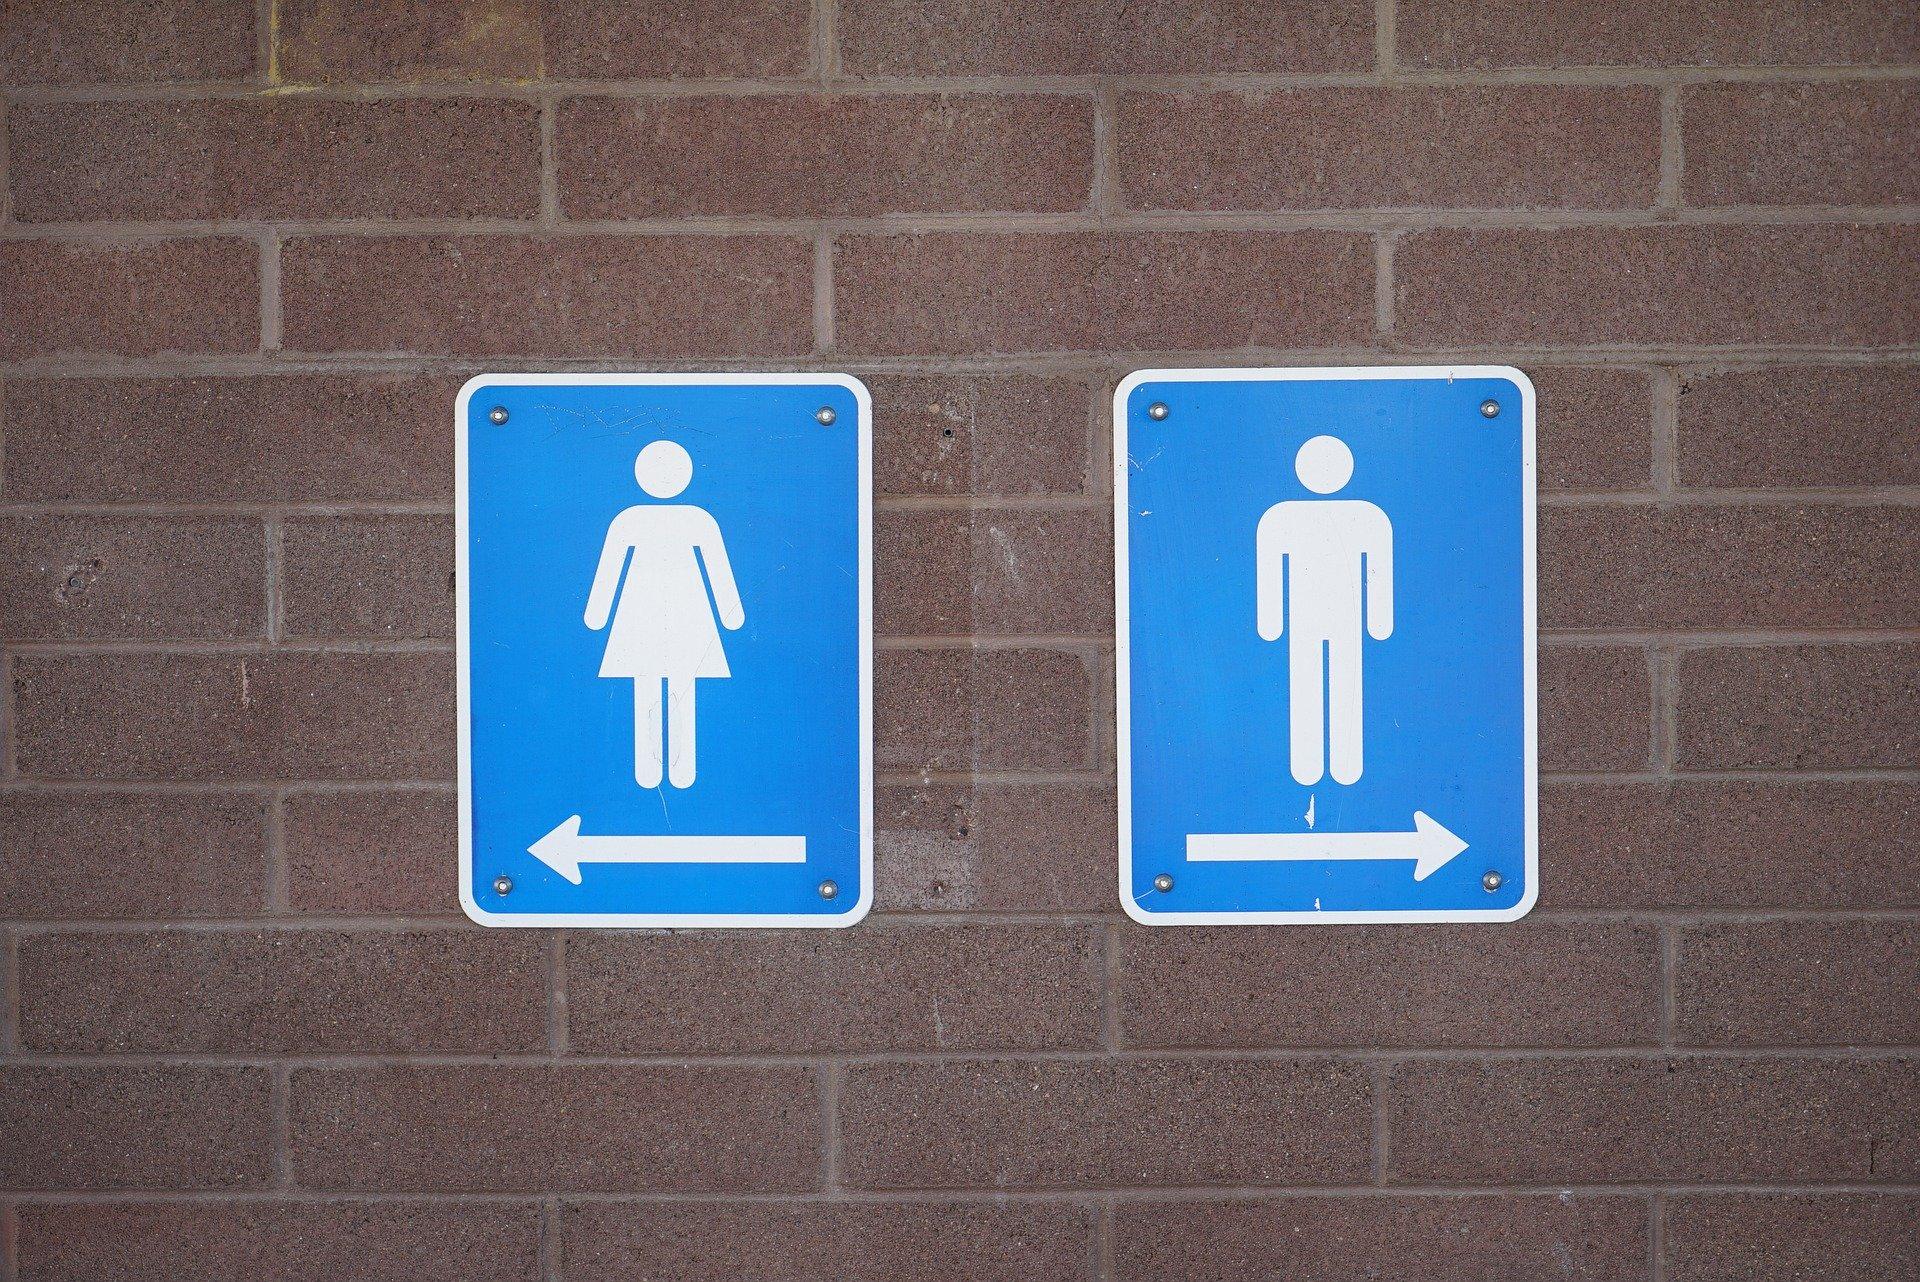 הפסקת שירותים בלתי נשכחת: סלפי בשירותים המדהימים בעולם